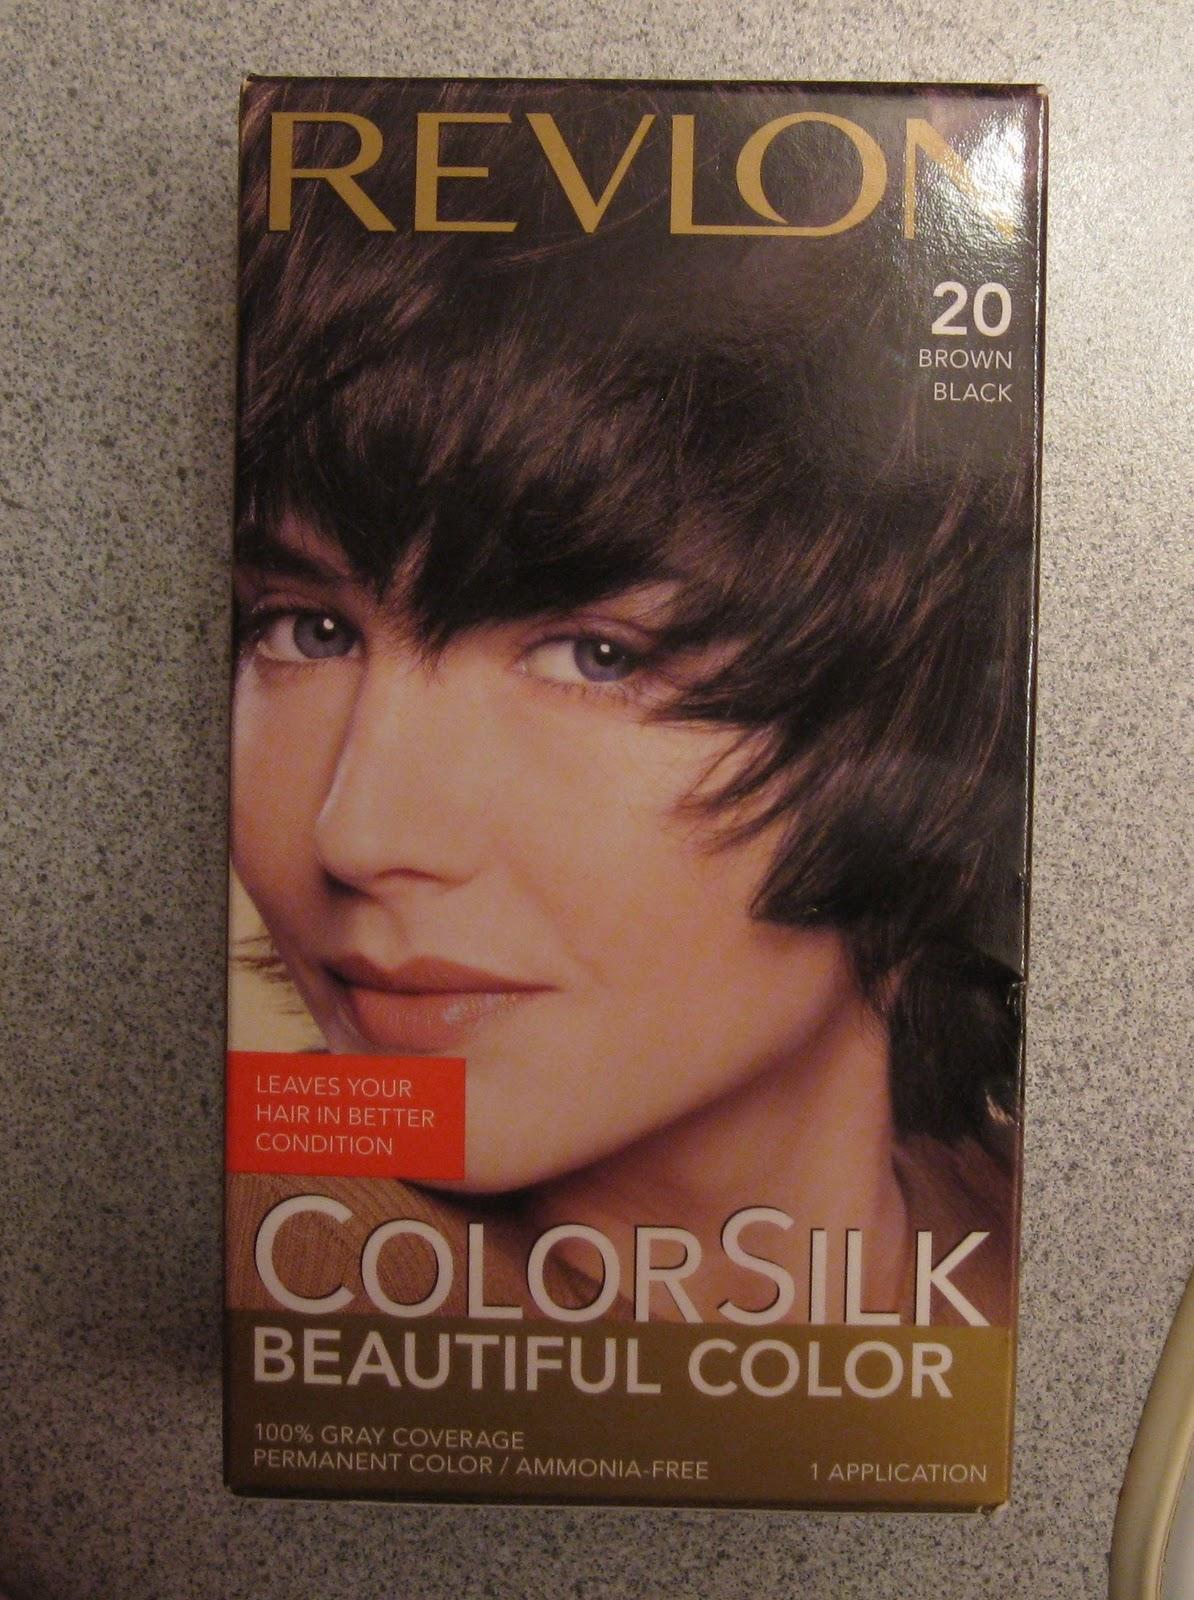 Revlon Colorsilk In Brown Black 20